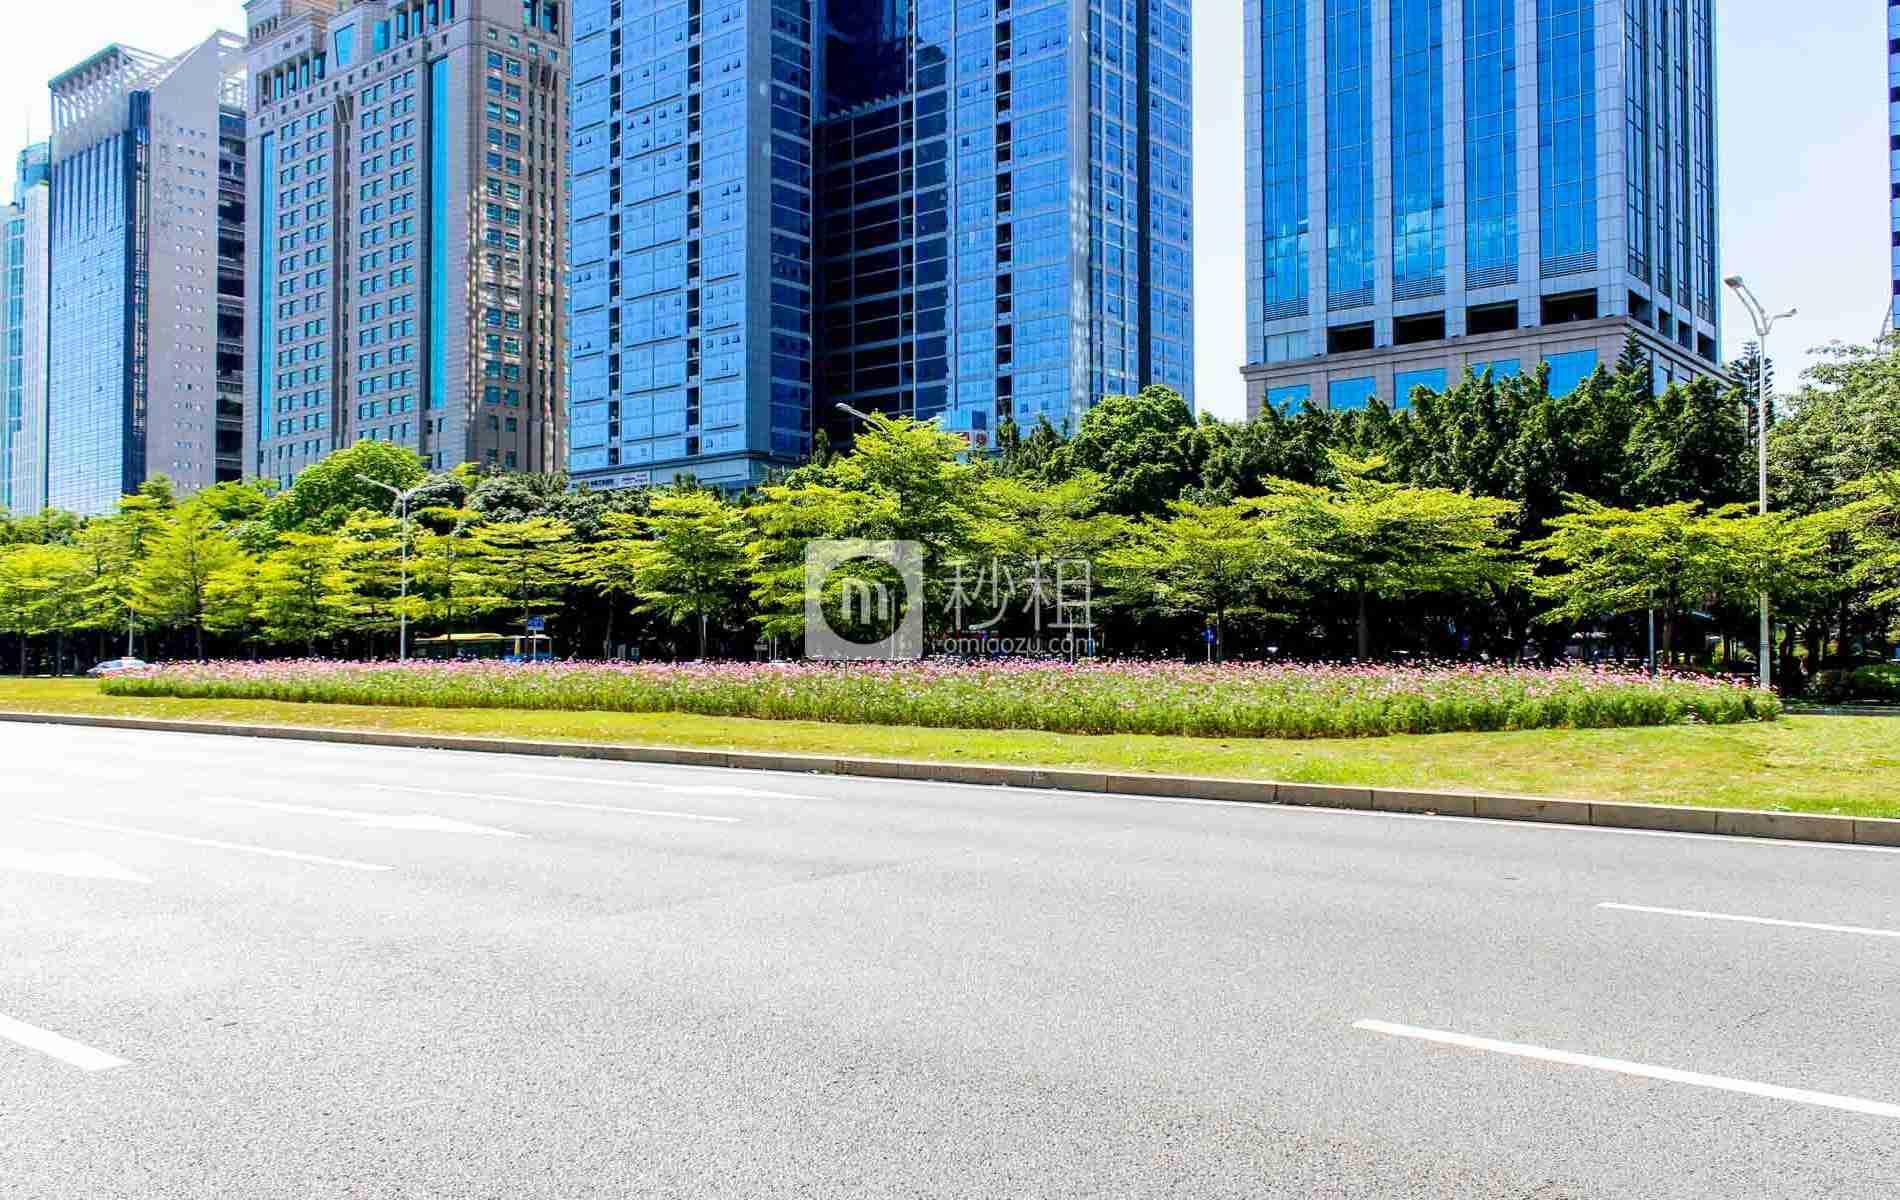 中国经贸大厦写字楼出租/招租/租赁,中国经贸大厦办公室出租/招租/租赁